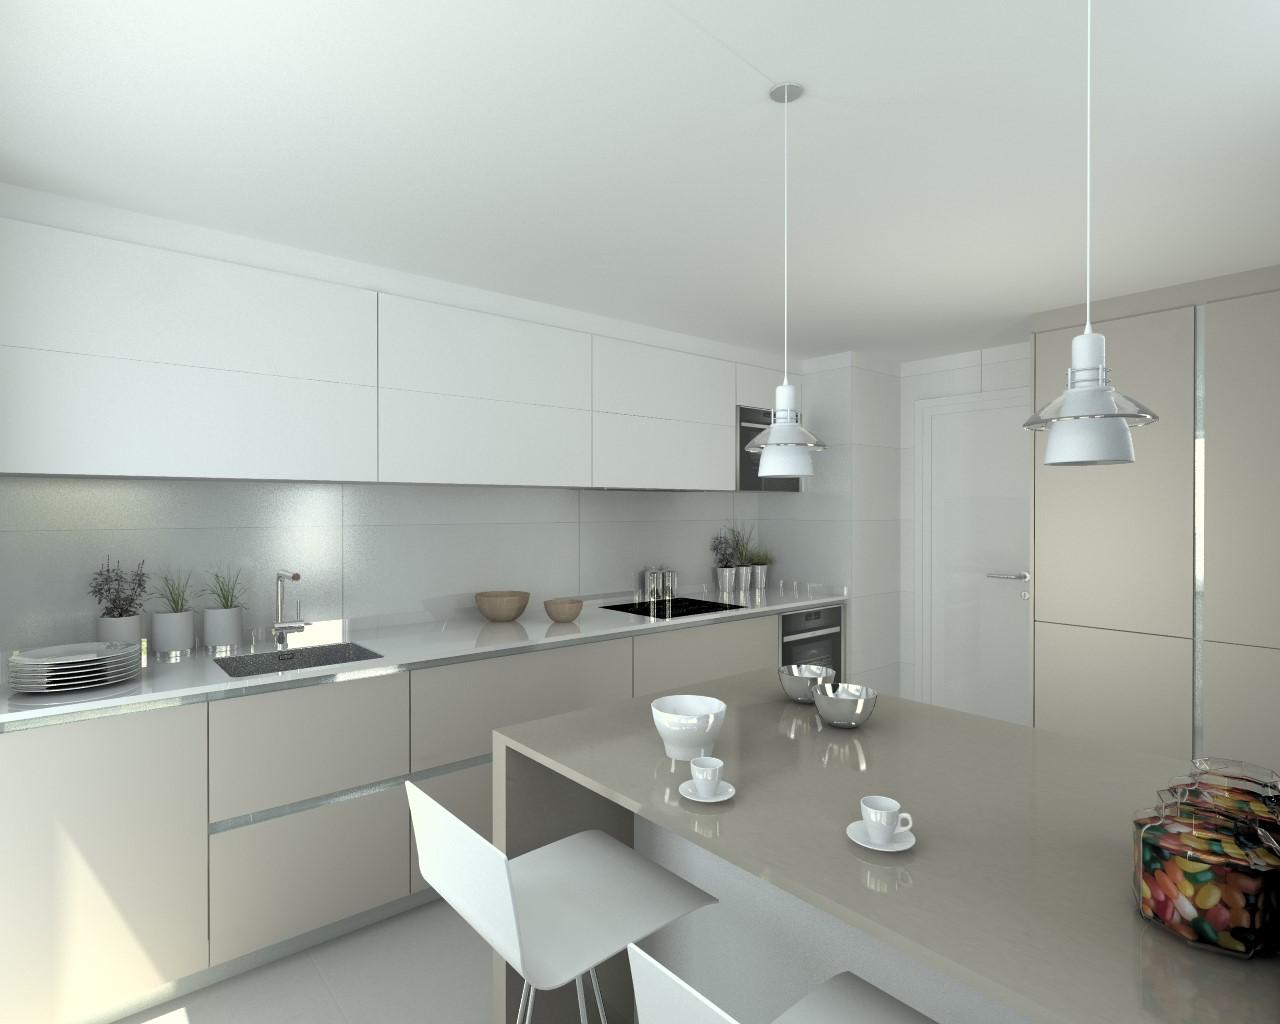 Docrys estudio de cocinas madrid muebles dise o y for Color credence cocina blanca